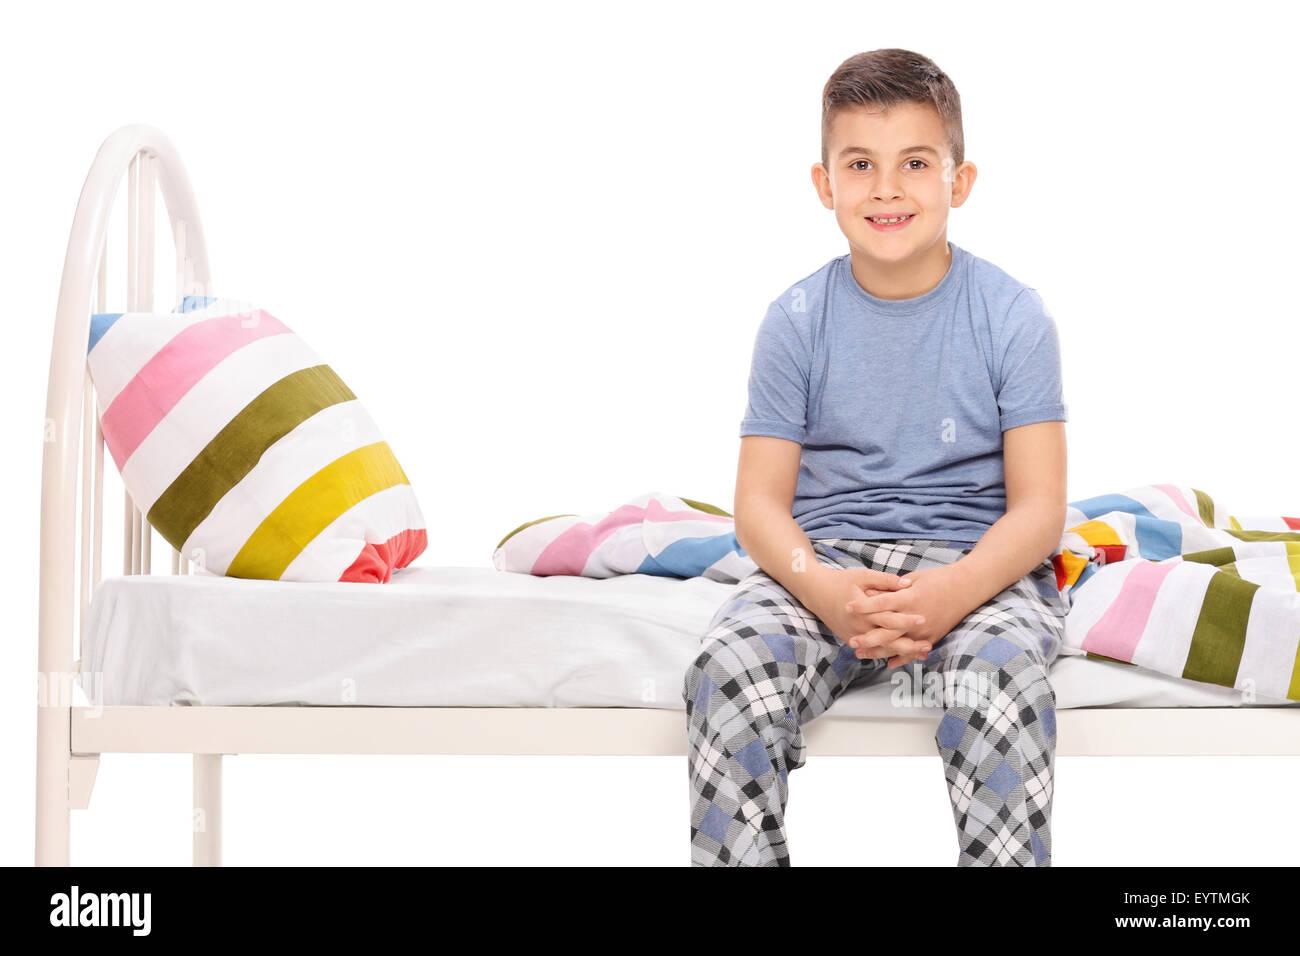 5c15d8d08d Niño en pijama azul sentado en una cama y mirando la cámara aislado en  blanco Imagen